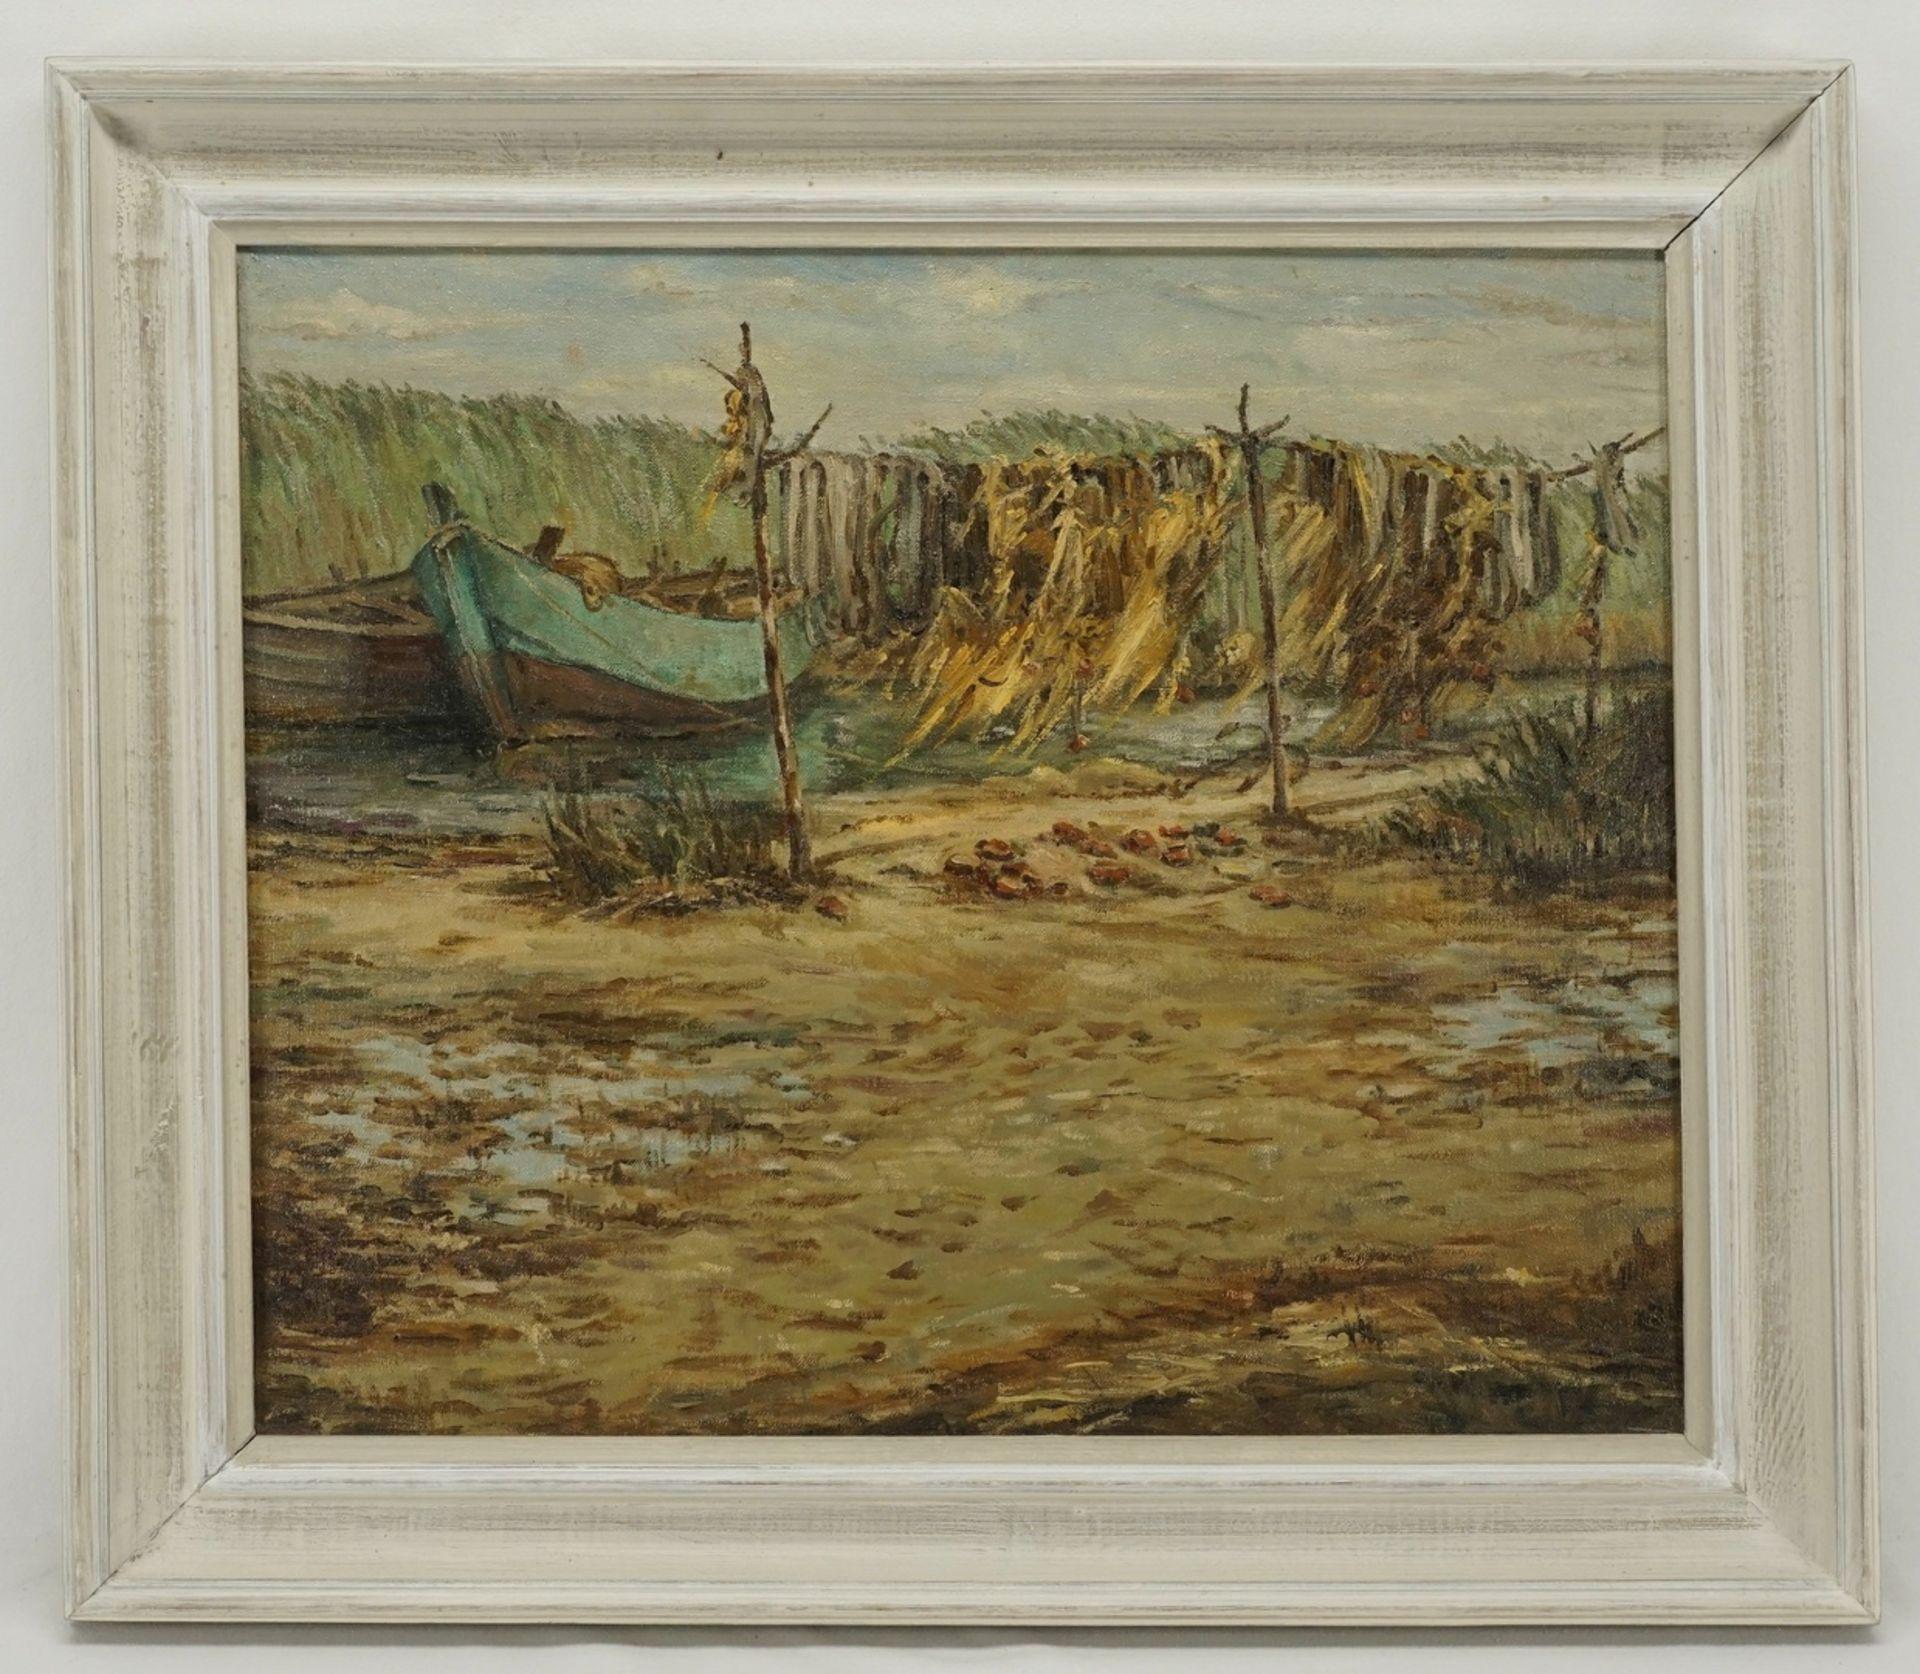 Unbekannter Küstenmaler, Boddenszene mit Fischerbooten und Netzreihen - Bild 2 aus 3